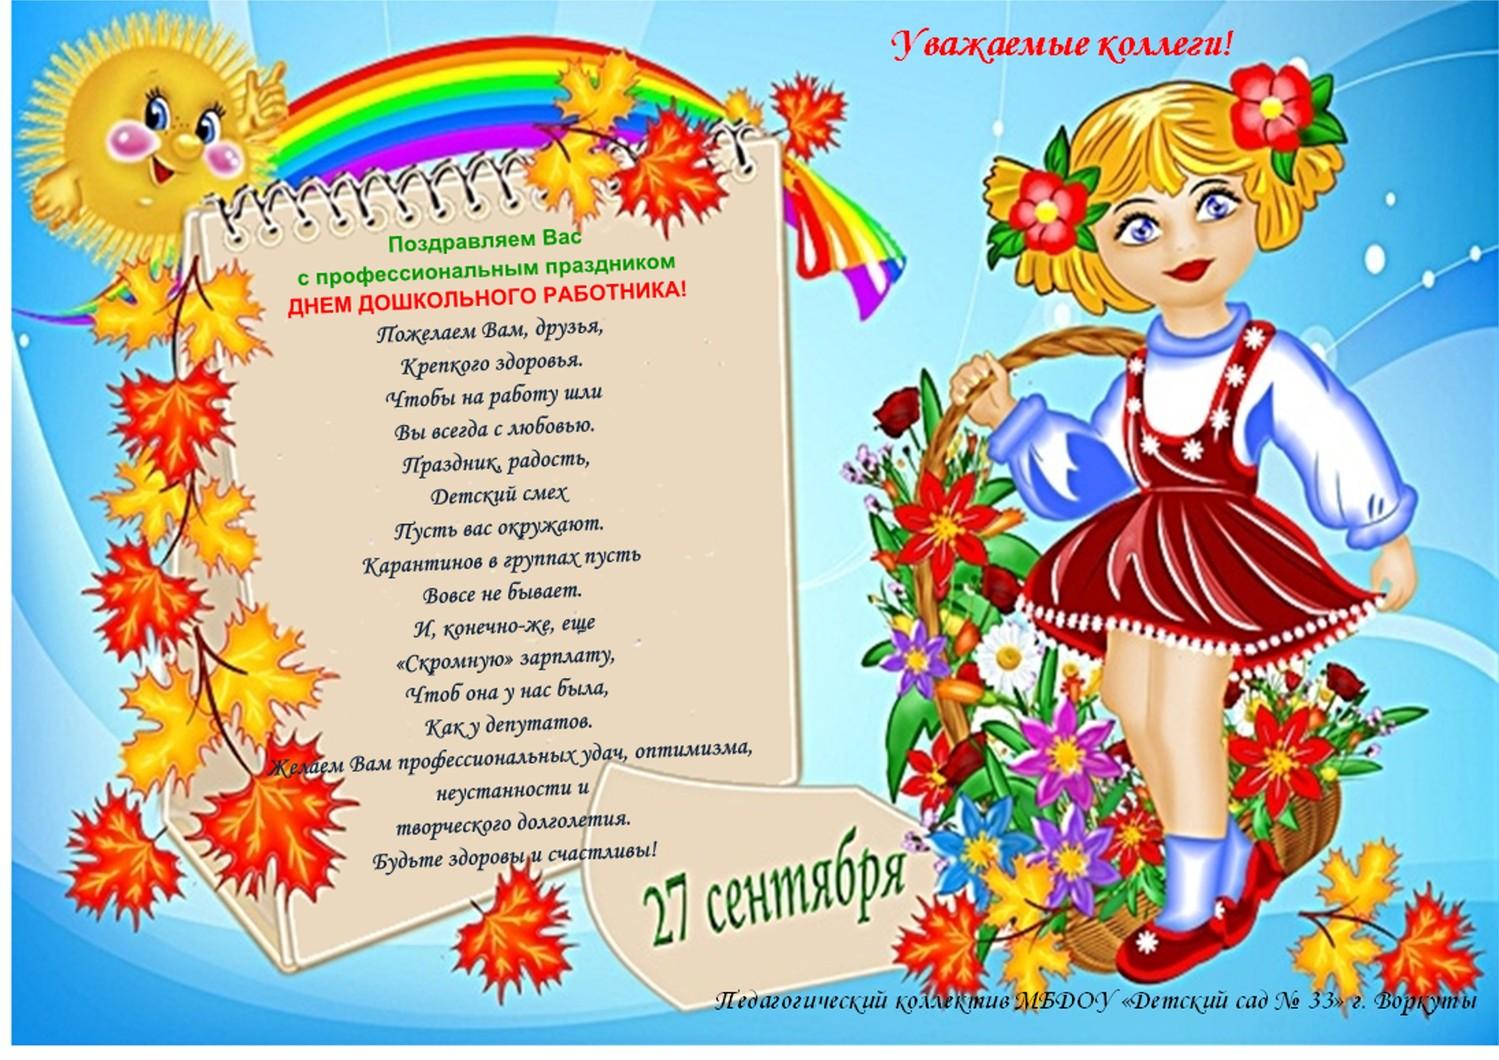 День воспитателя 2017: открытки и поздравления в стихах и прозе